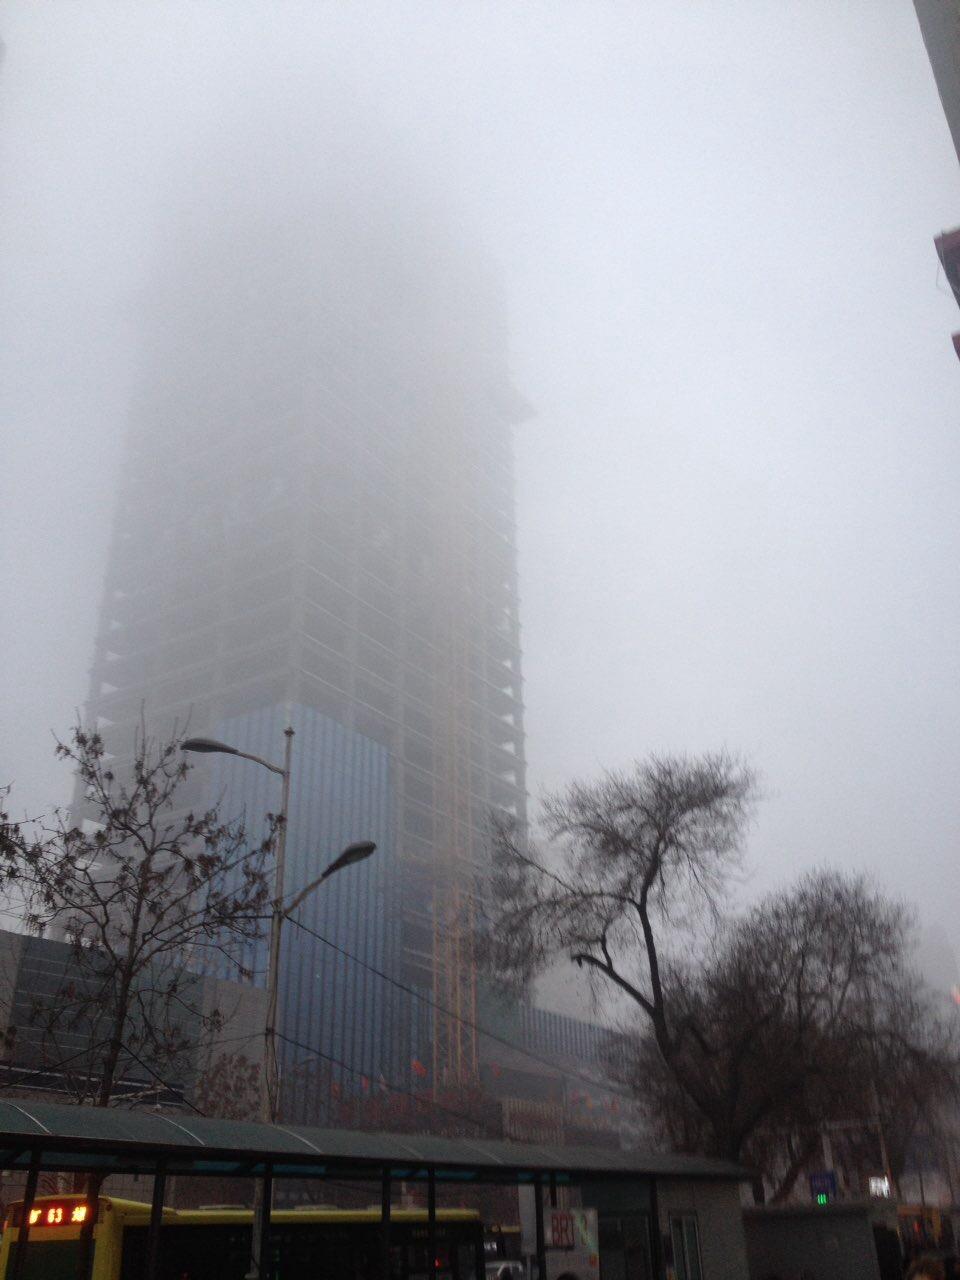 12月6日下午,烏魯木齊天山區小西門商圈被濃霧籠罩